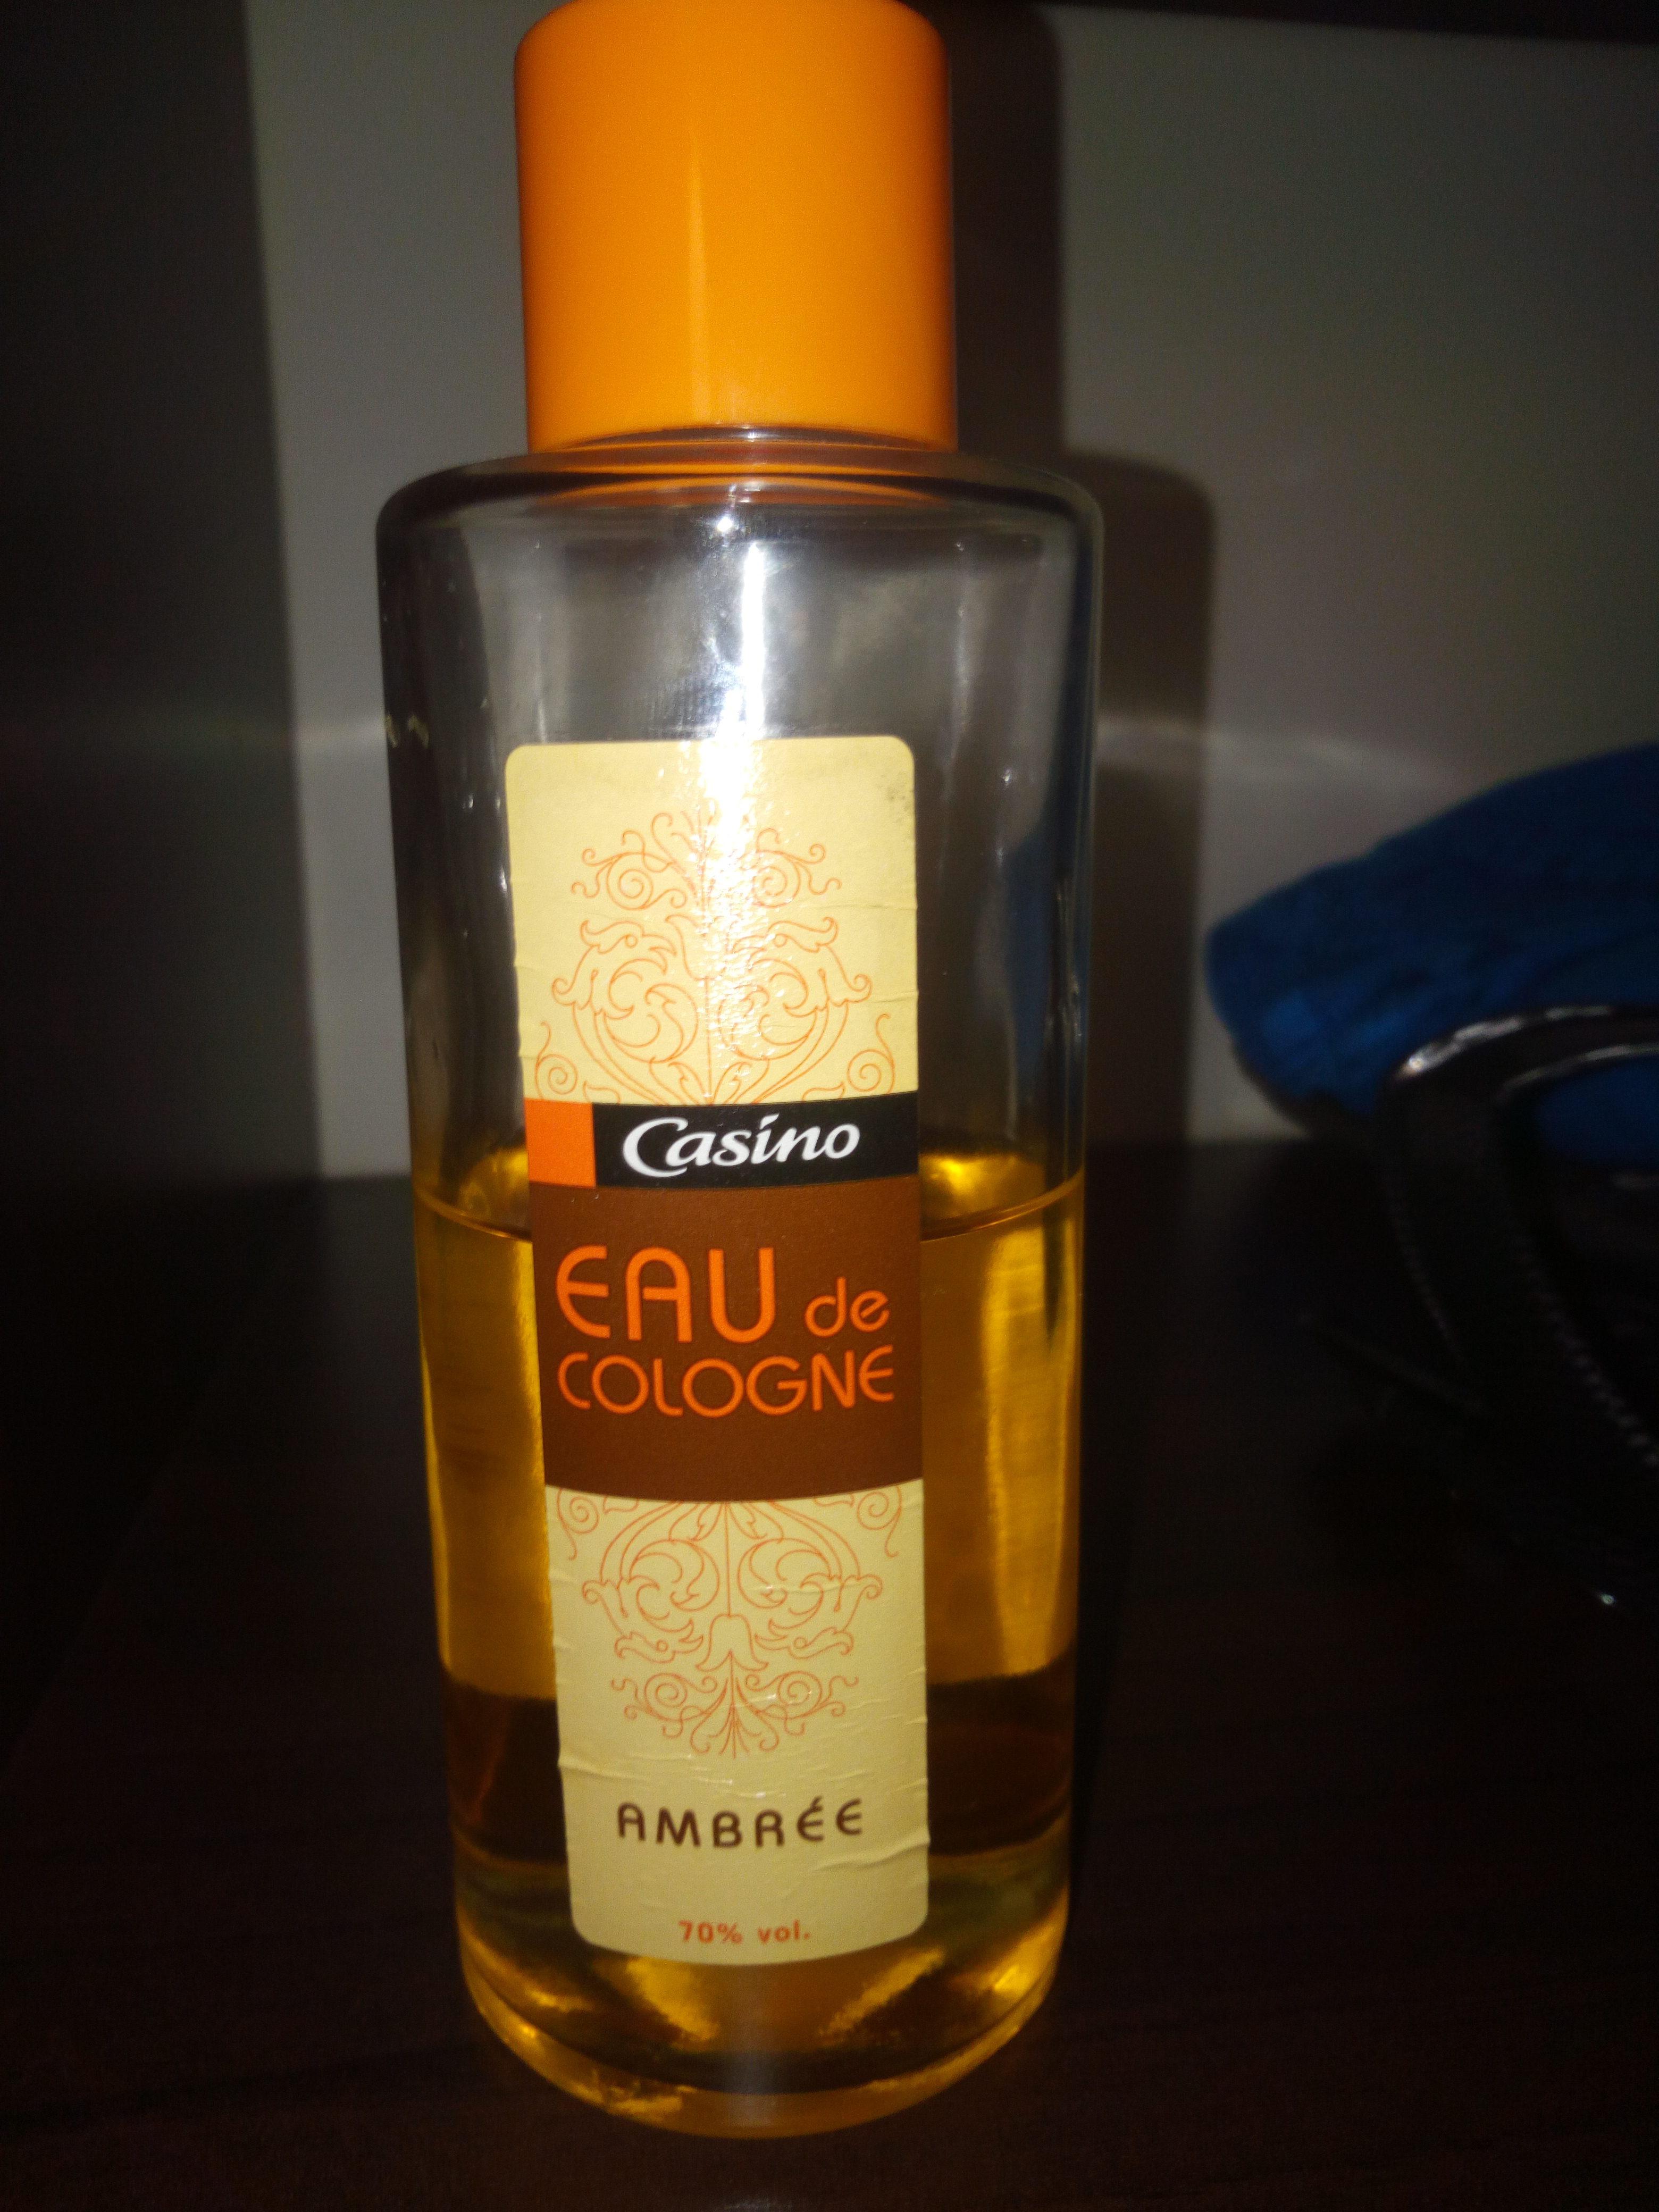 eau de cologne ambrée - Product - fr